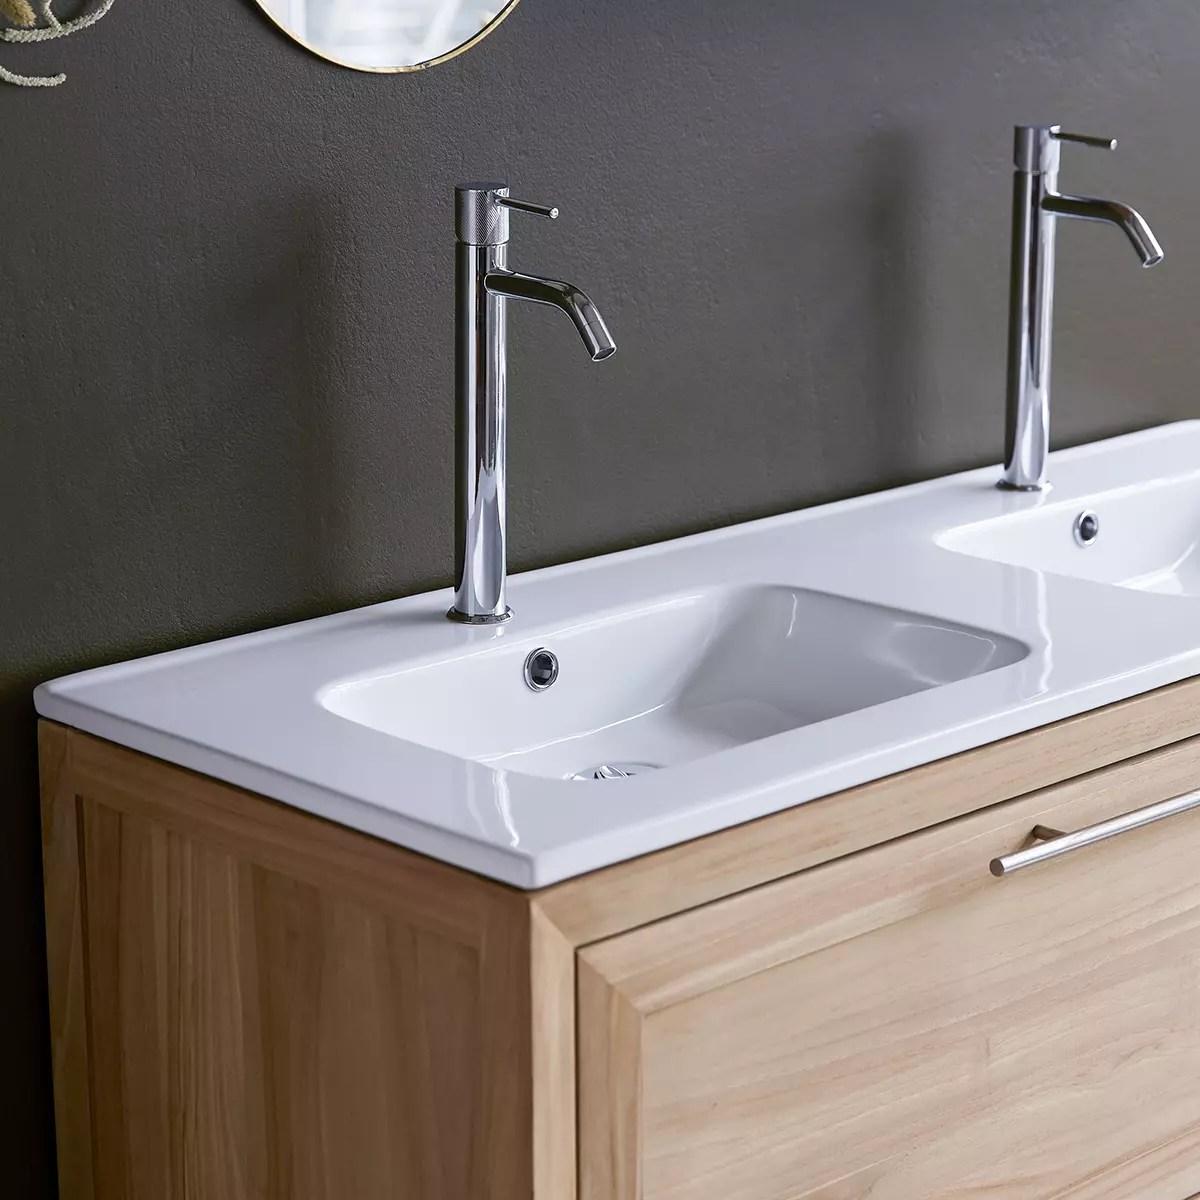 meuble salle de bain en teck massif et ceramique 120 wave